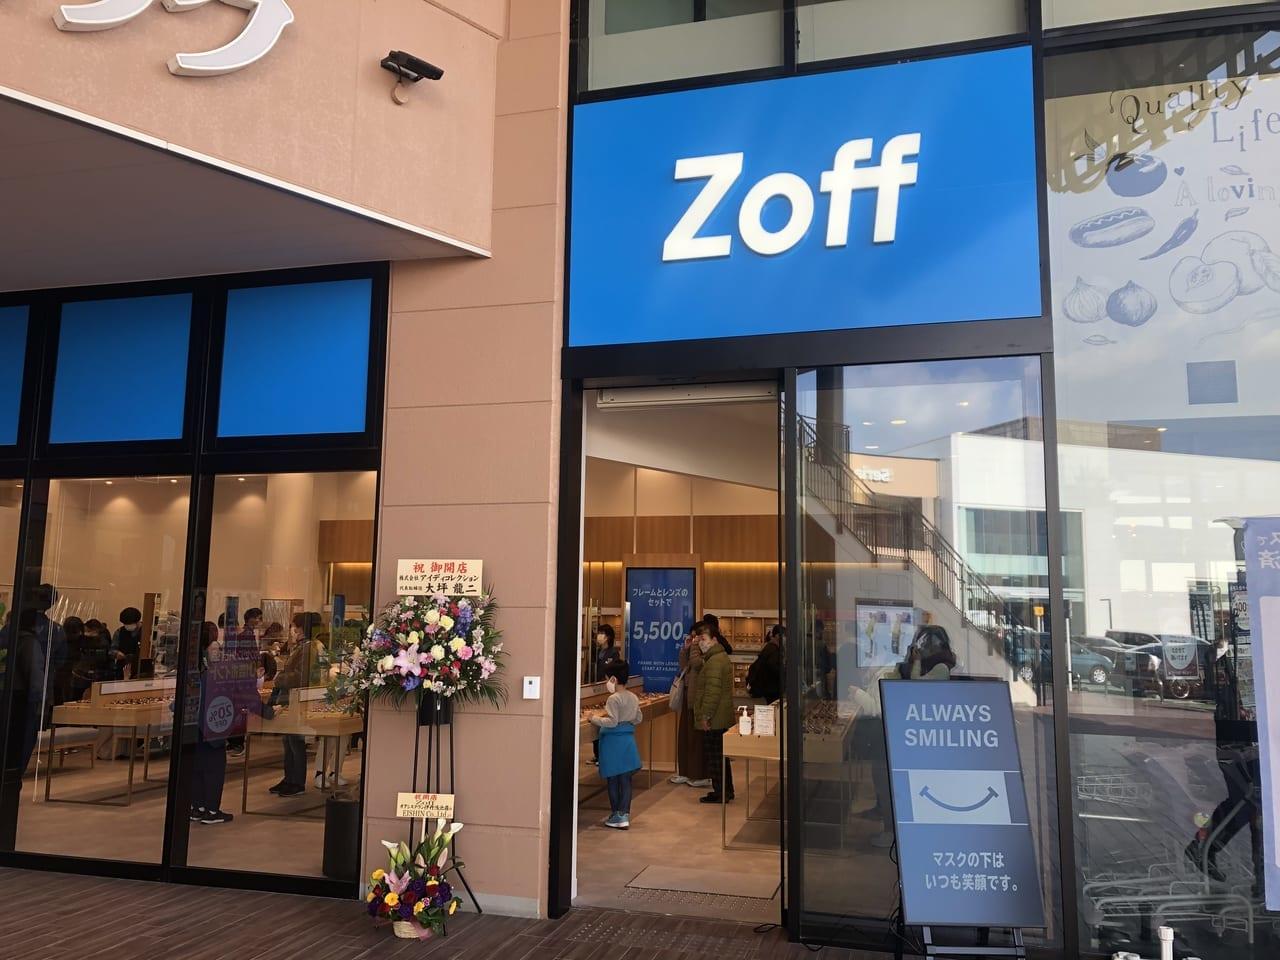 オアシスタウン伊丹鴻池店にオープンした眼鏡専門店のZoffの外観